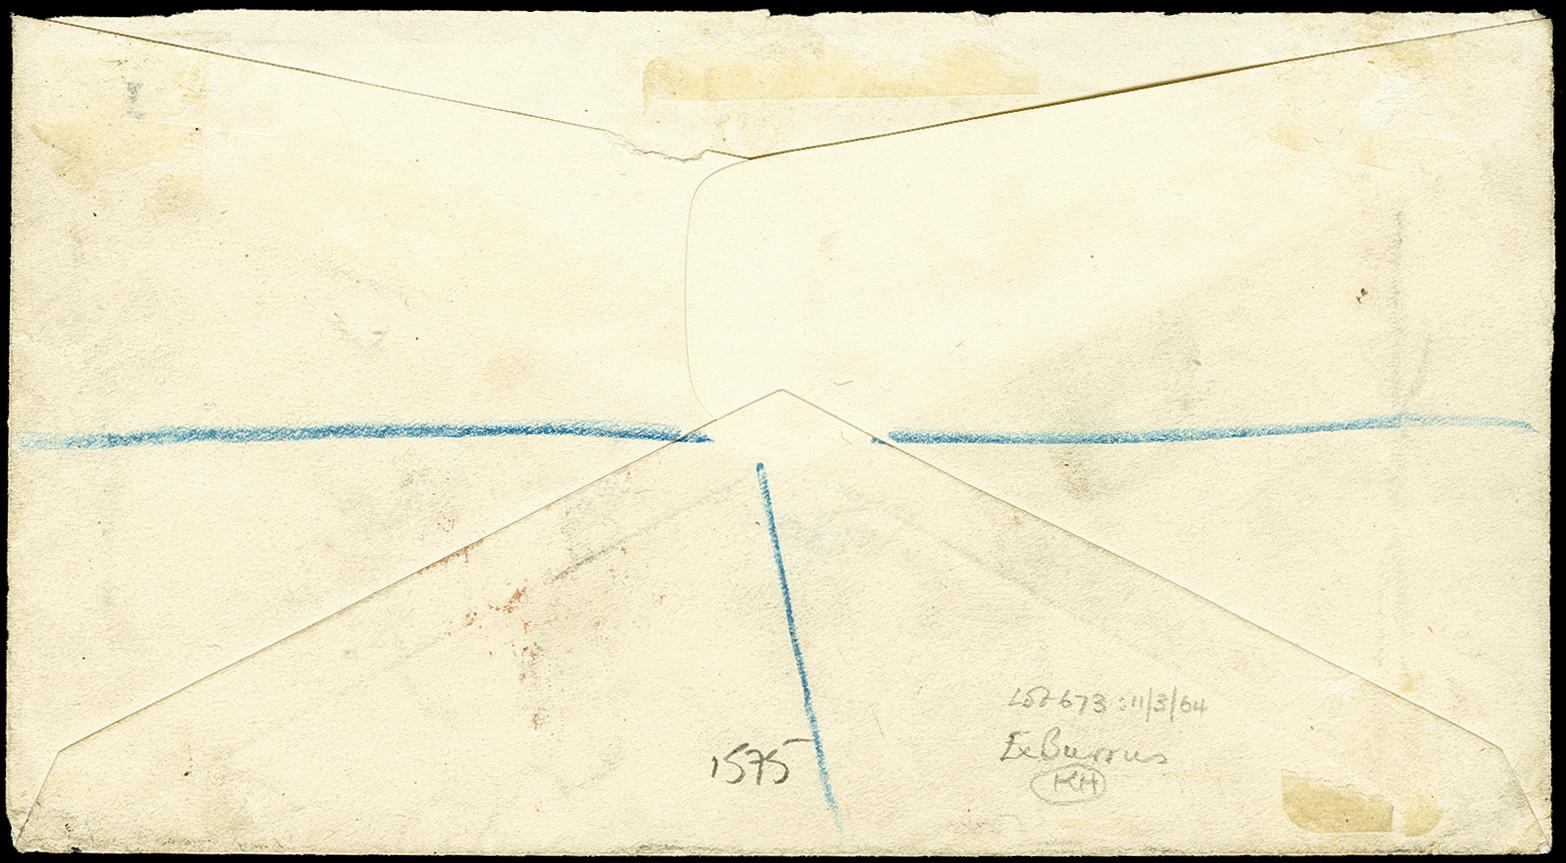 Lot 2061 - Britisch Commonwealth trinidad and tobago -  Heinrich Koehler Auktionen 375rd Heinrich Köhler auction - Day 1